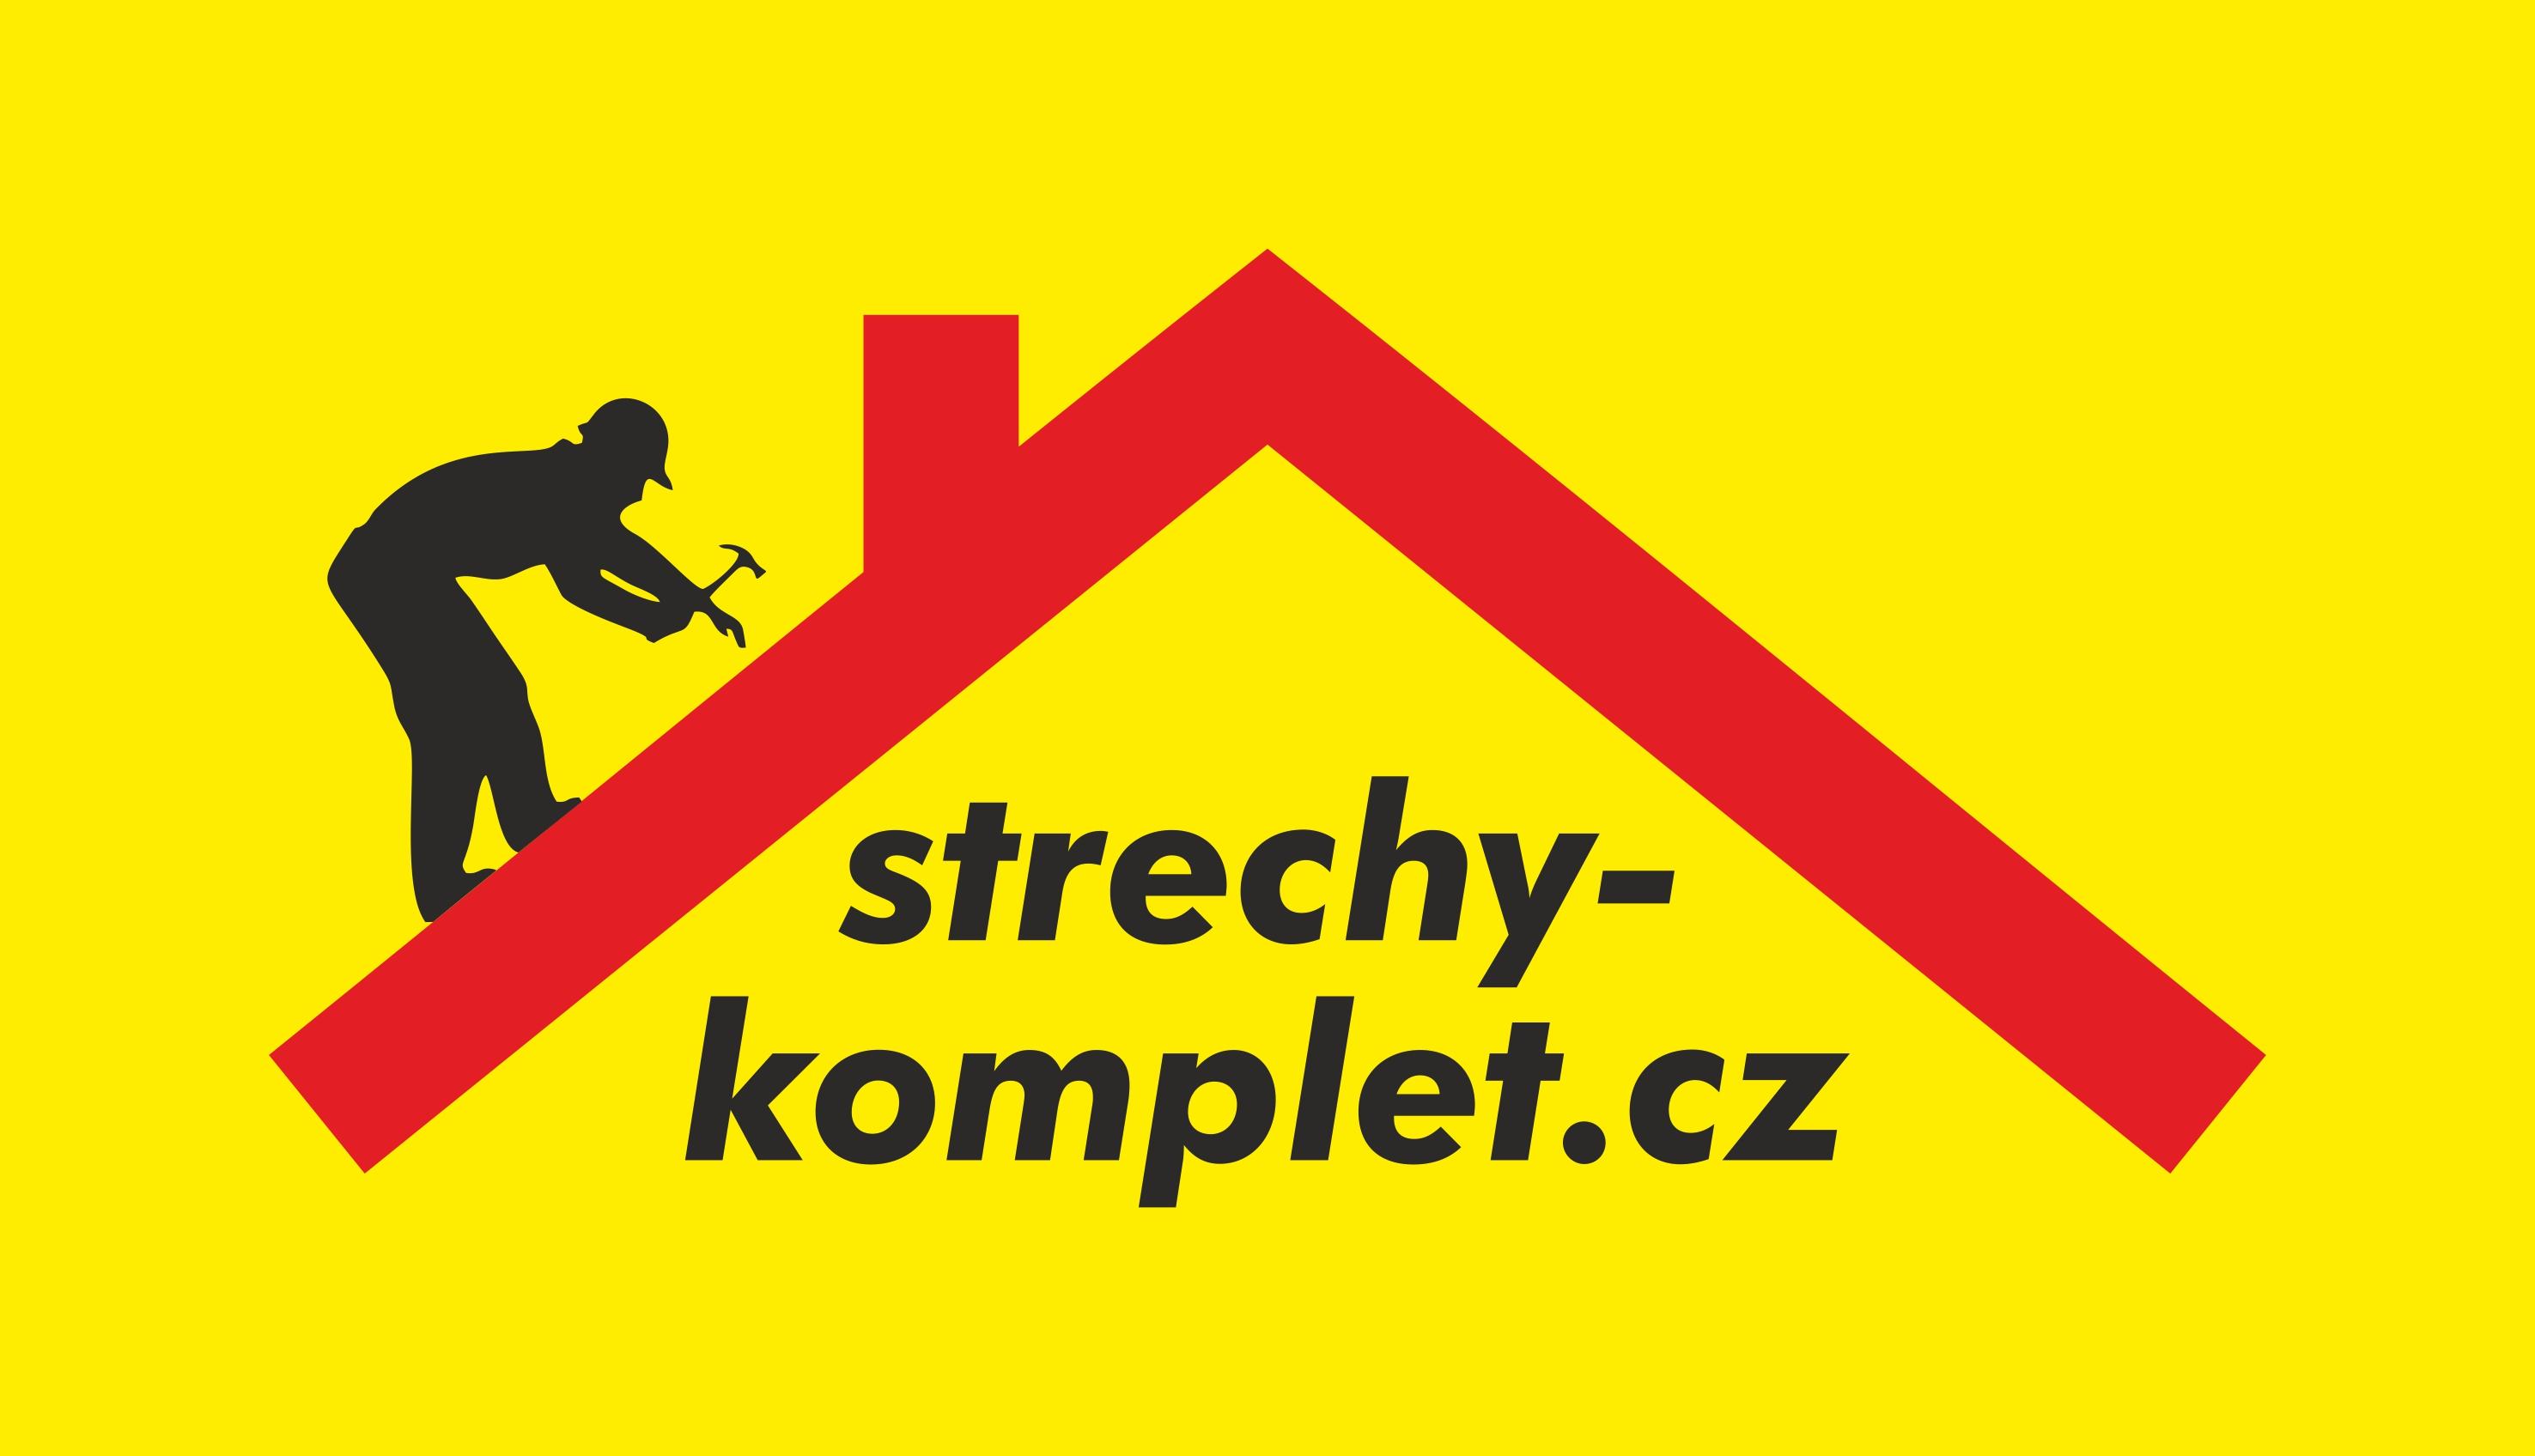 logo firmy Střechy komplet - Václav Janda